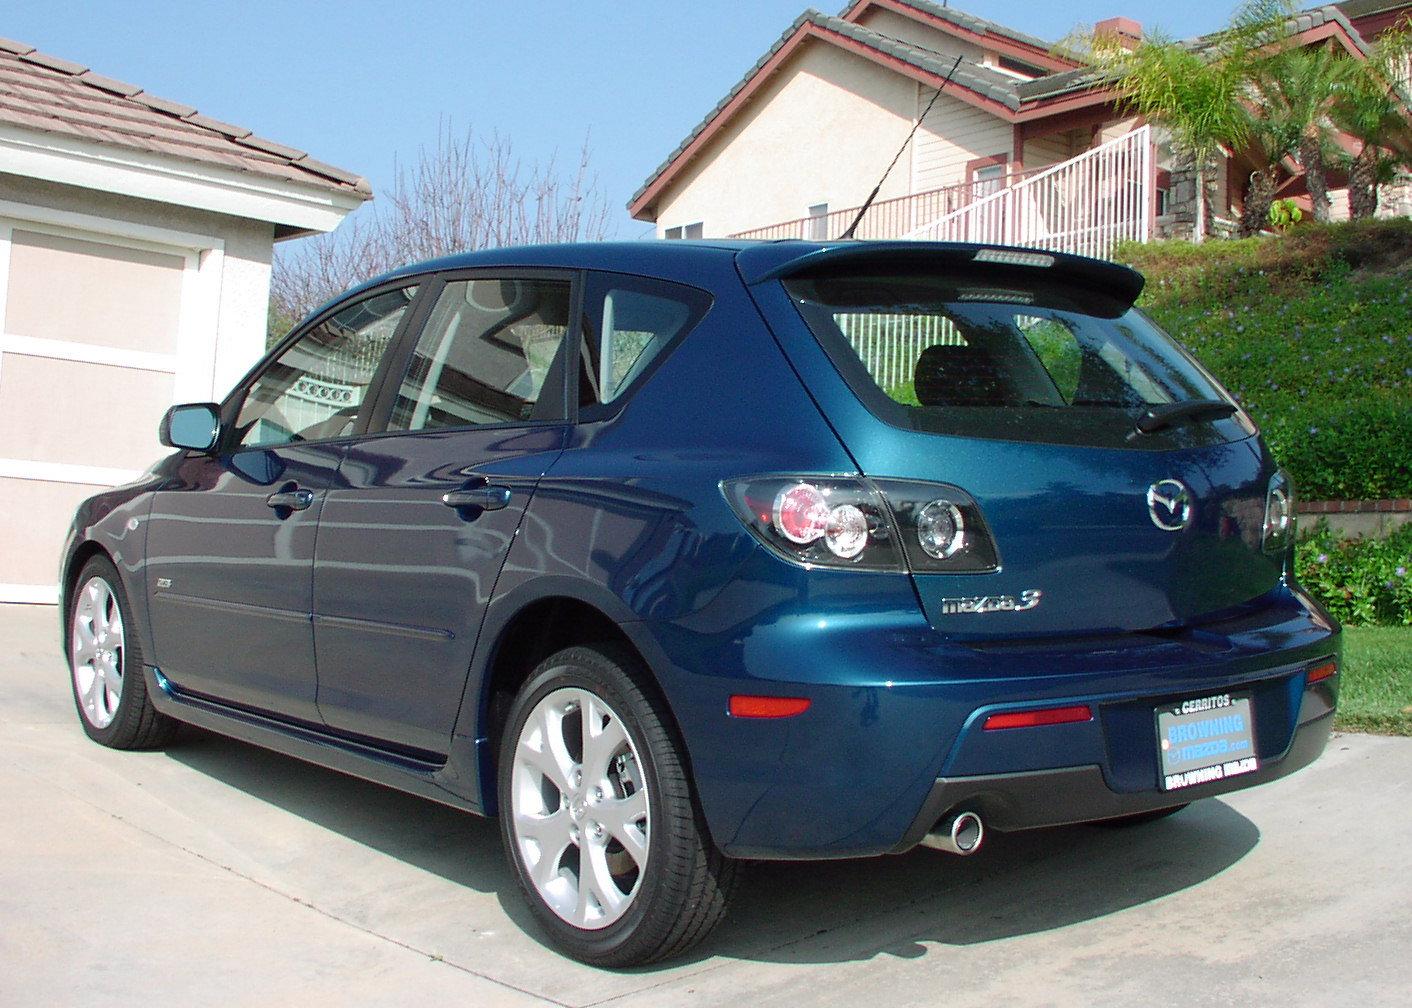 mazda 3 hatchback related images start 100 weili automotive network. Black Bedroom Furniture Sets. Home Design Ideas